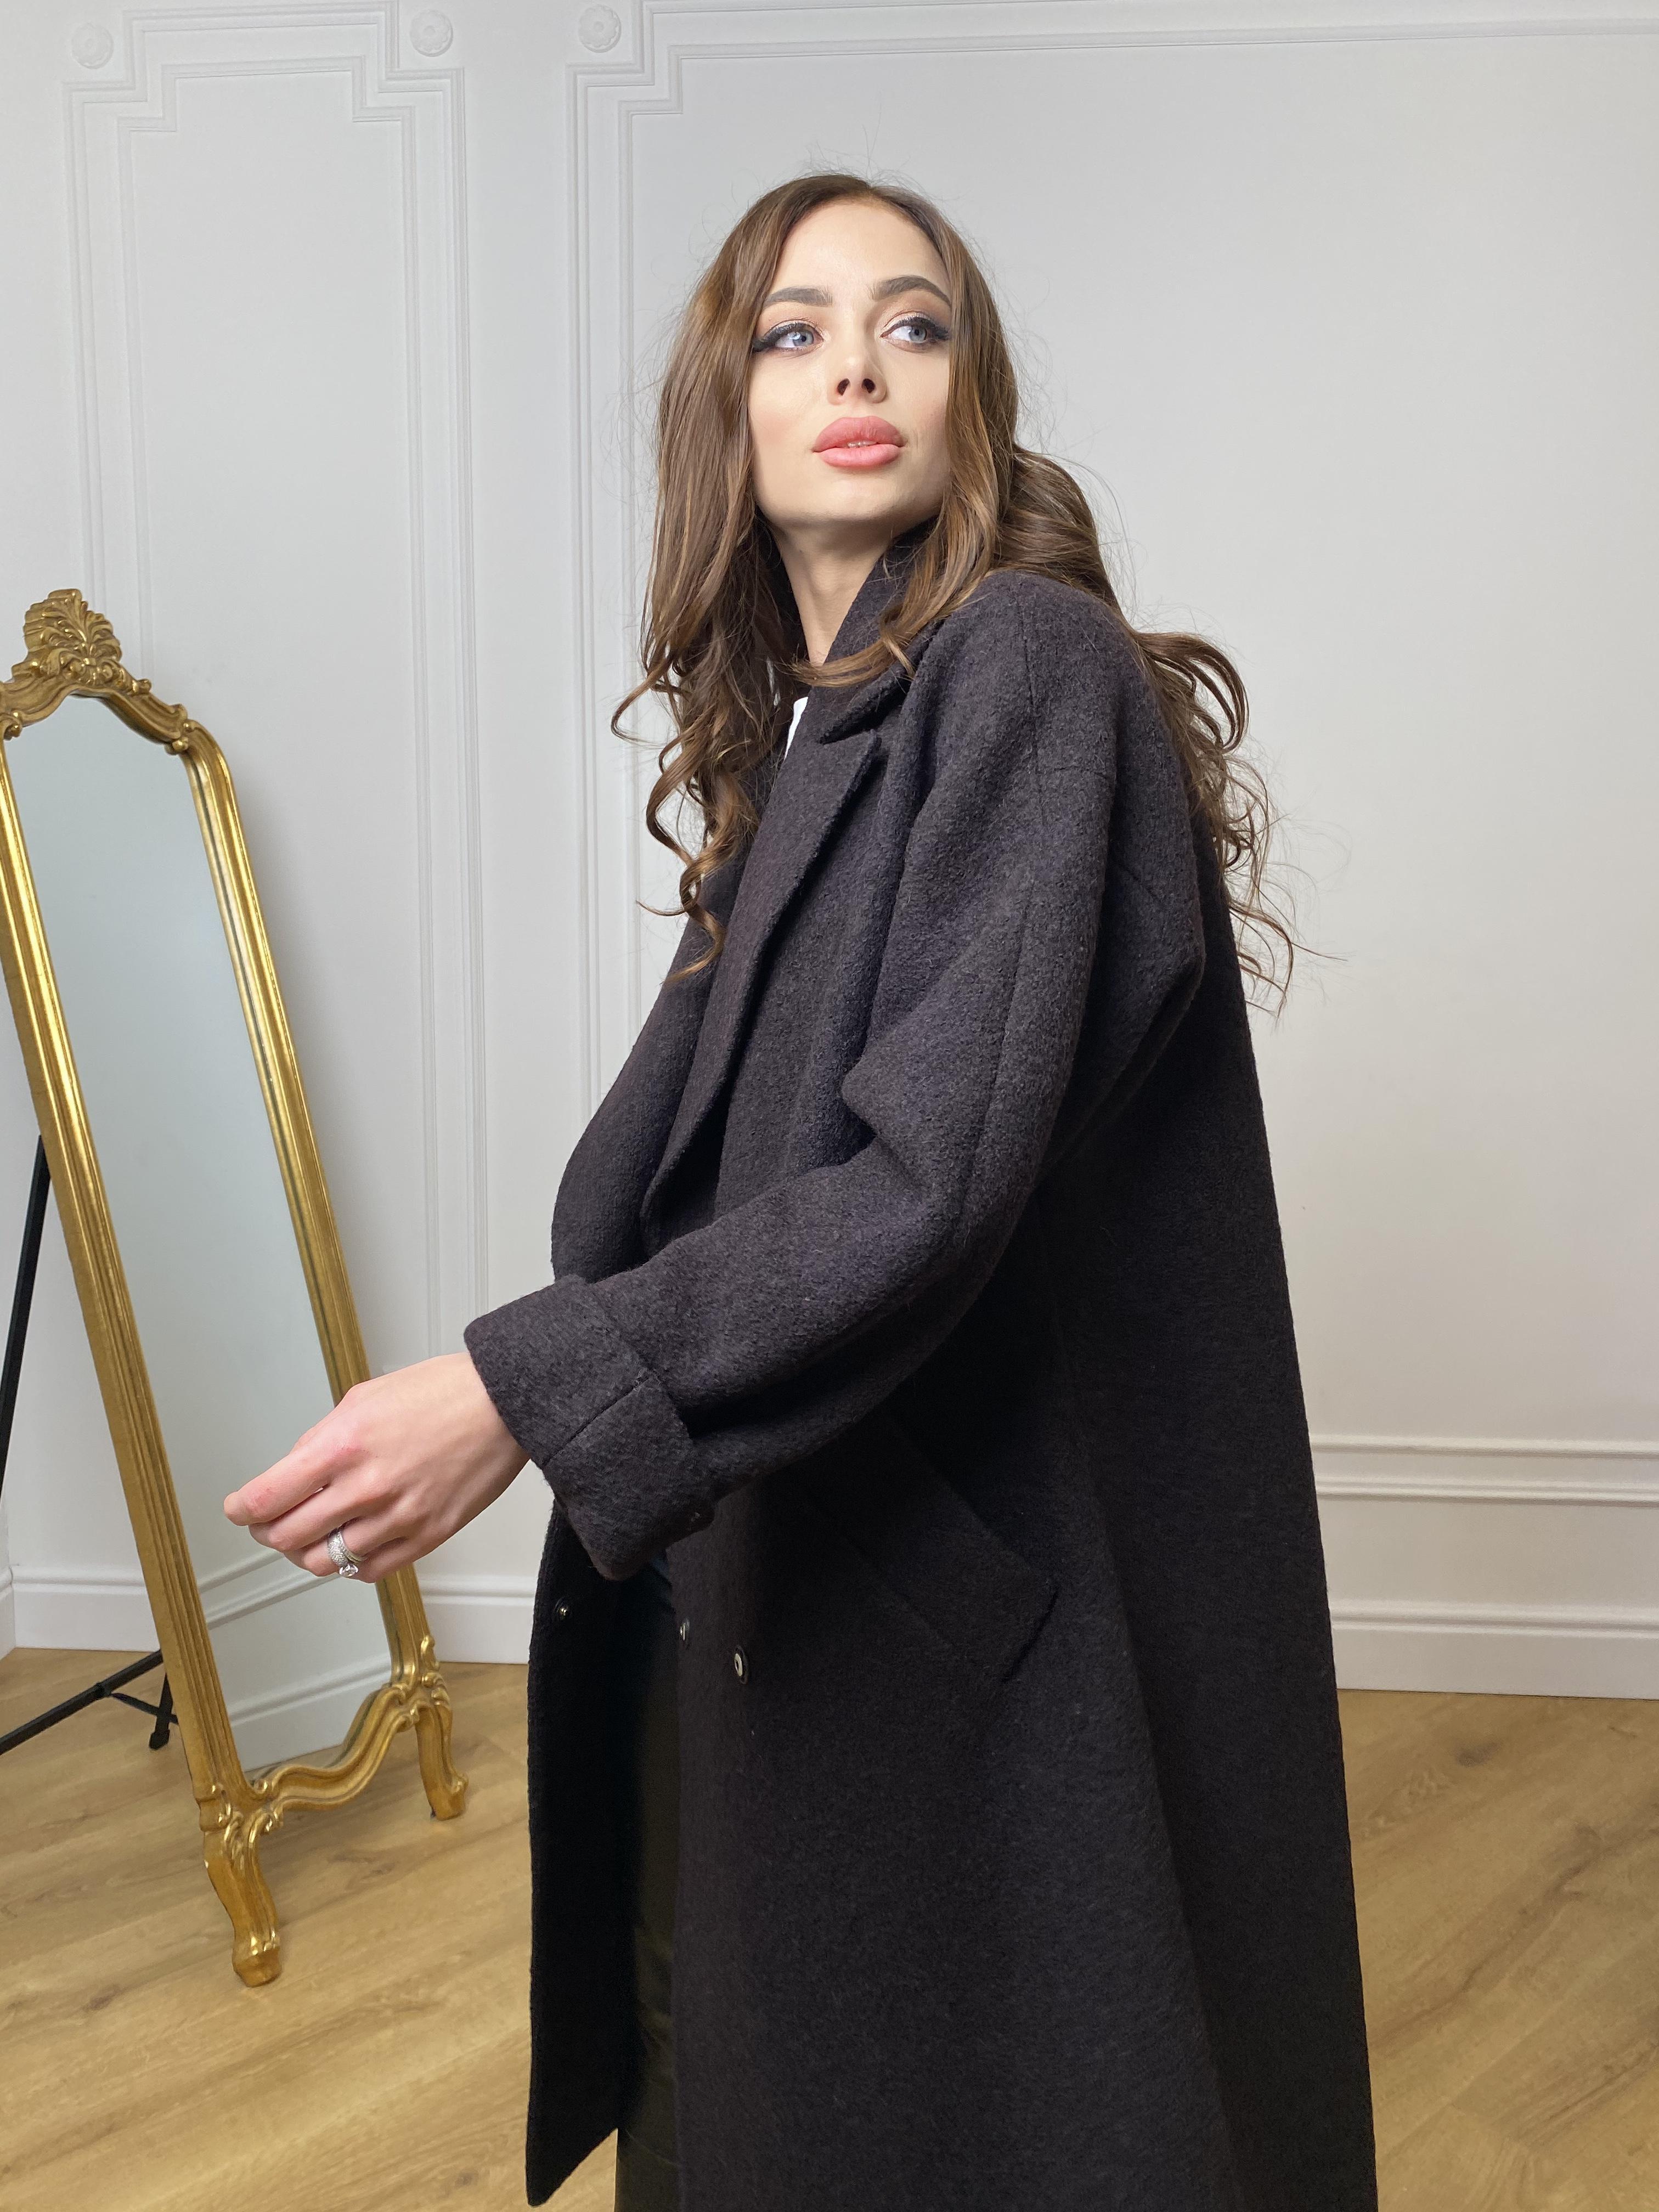 Влада баритон  пальто  из пальтовой ткани 10313 АРТ. 46630 Цвет: Шоколад - фото 10, интернет магазин tm-modus.ru